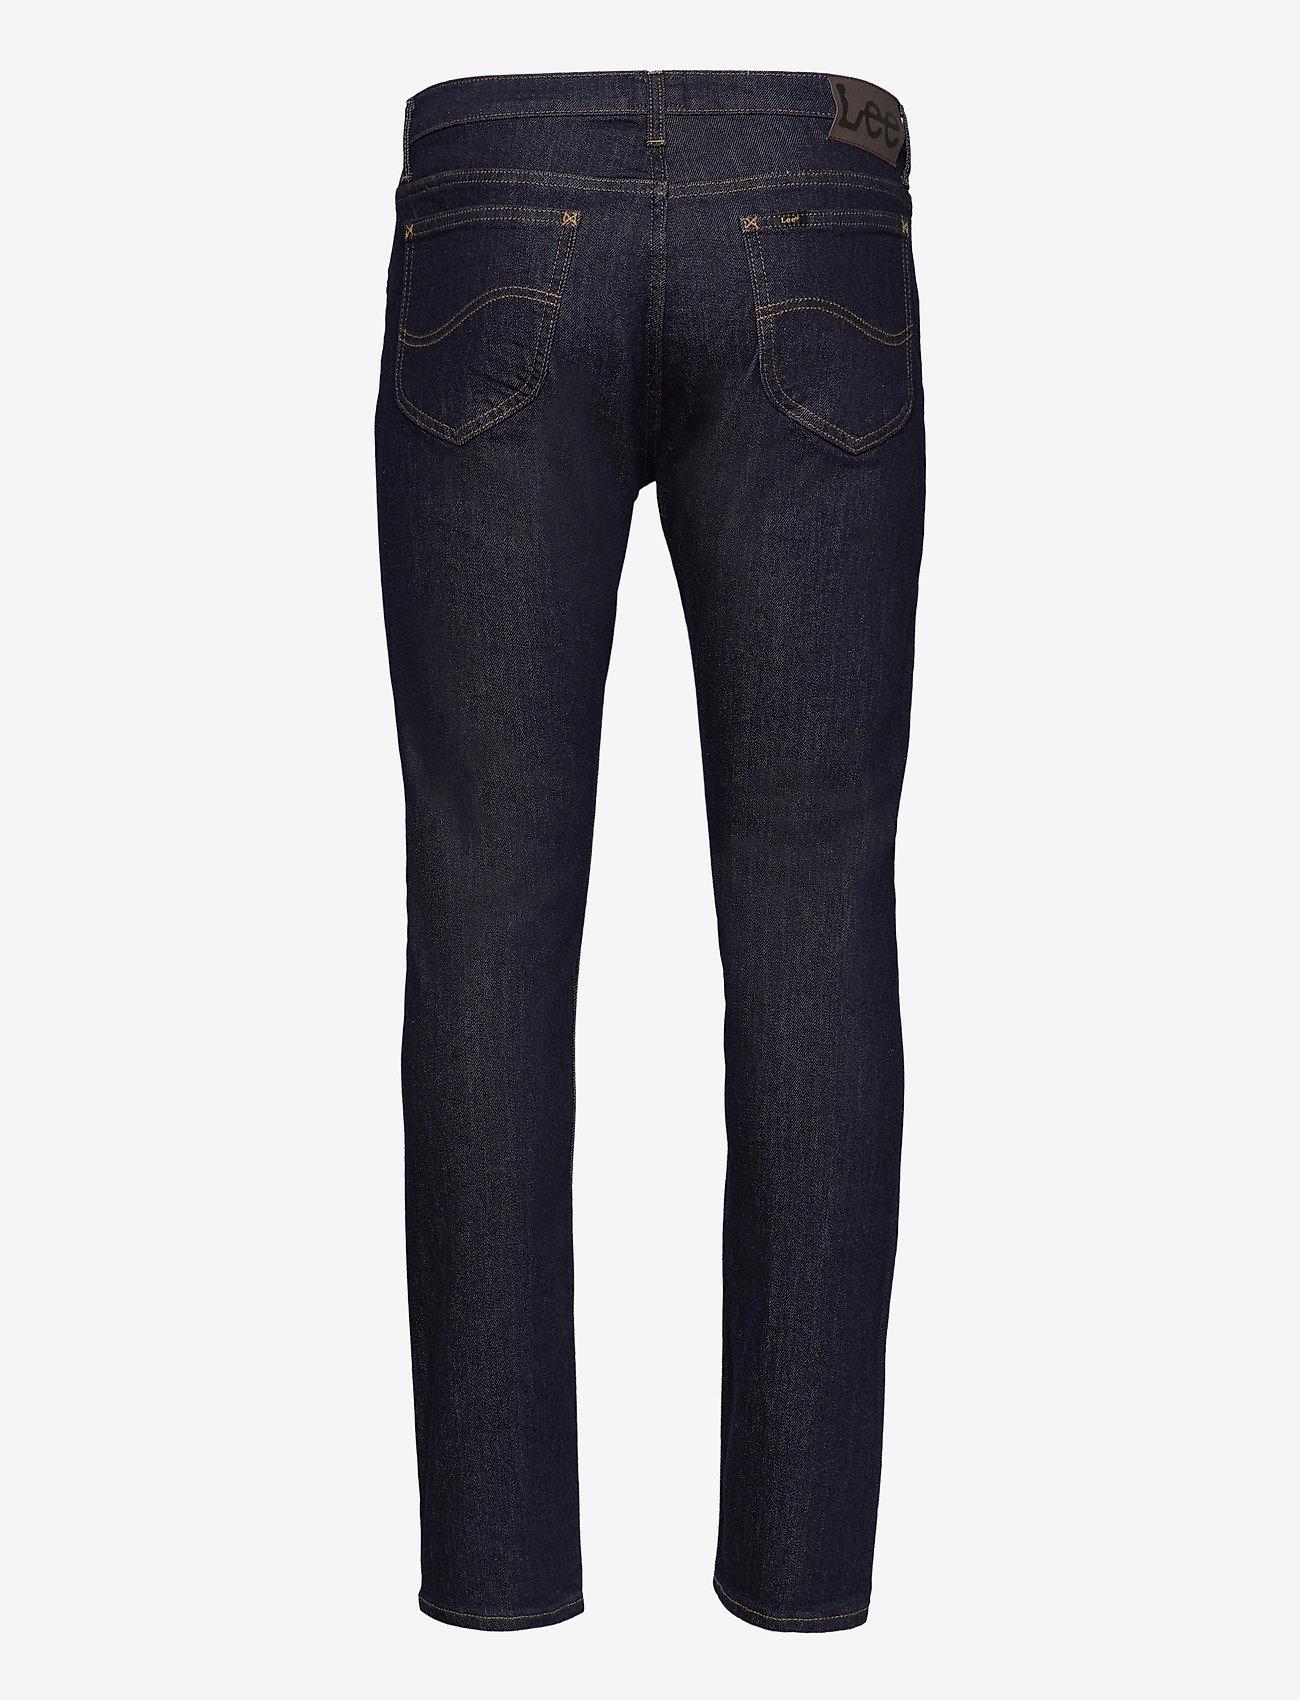 Lee Jeans - RIDER - slim jeans - rinse - 1